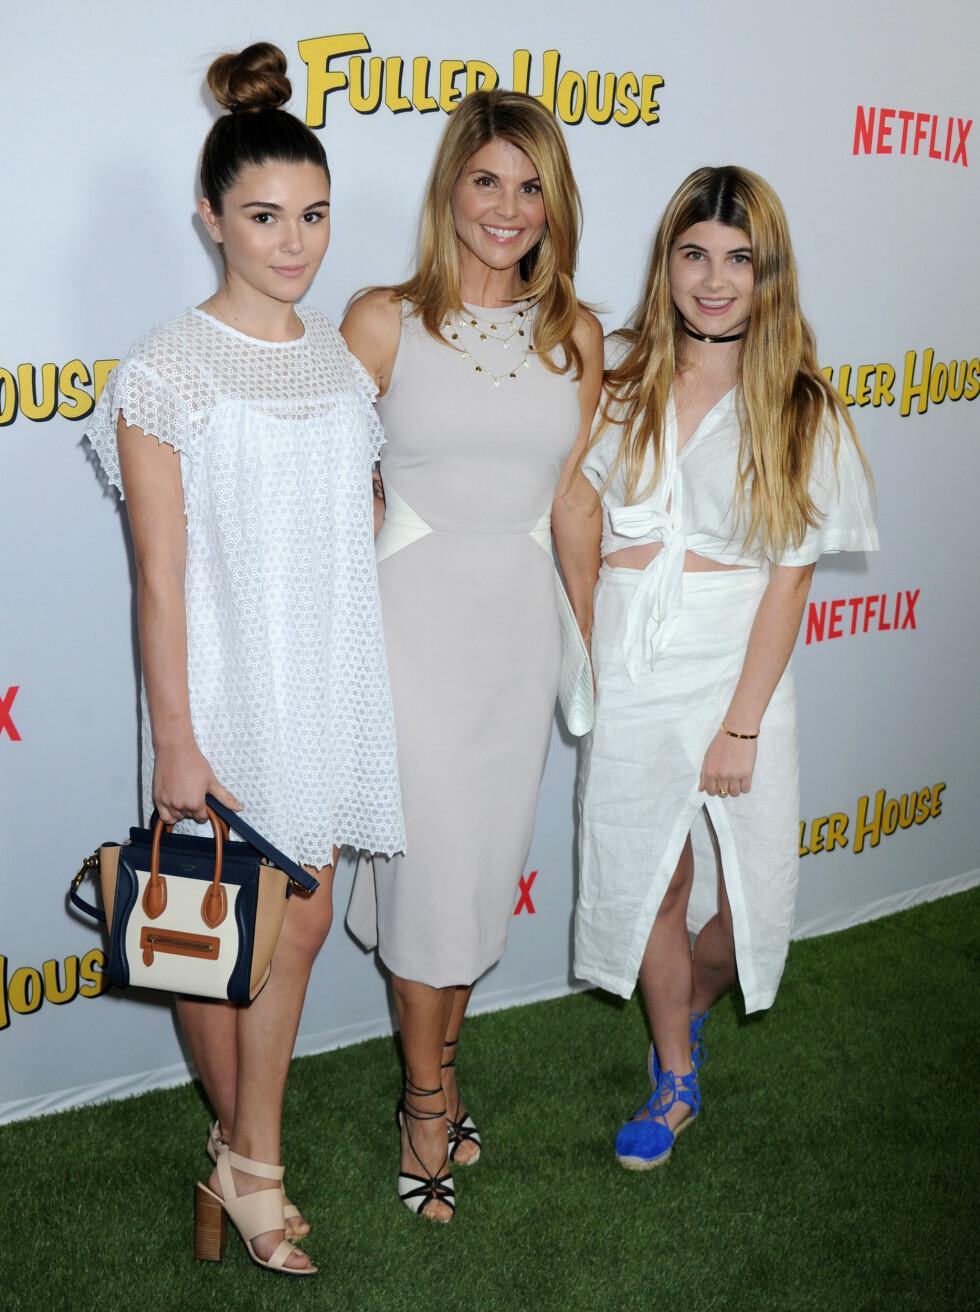 FIN FAMILIE: På «Fuller House»-premieren i Los Angeles hadde Lori Loughlin med seg døtrene Olivia Jade og Isabella Rose. Foto: Broadimage